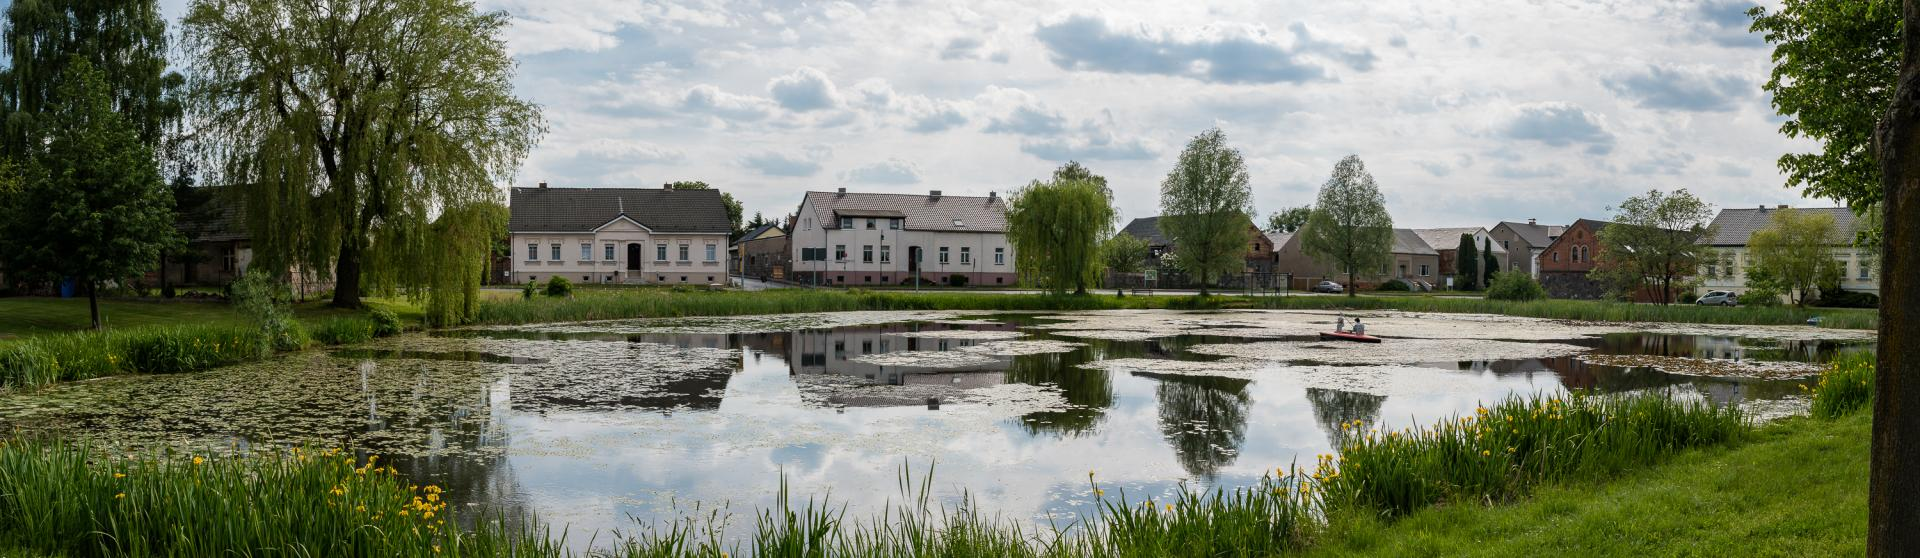 Schönfeld Dorfteich